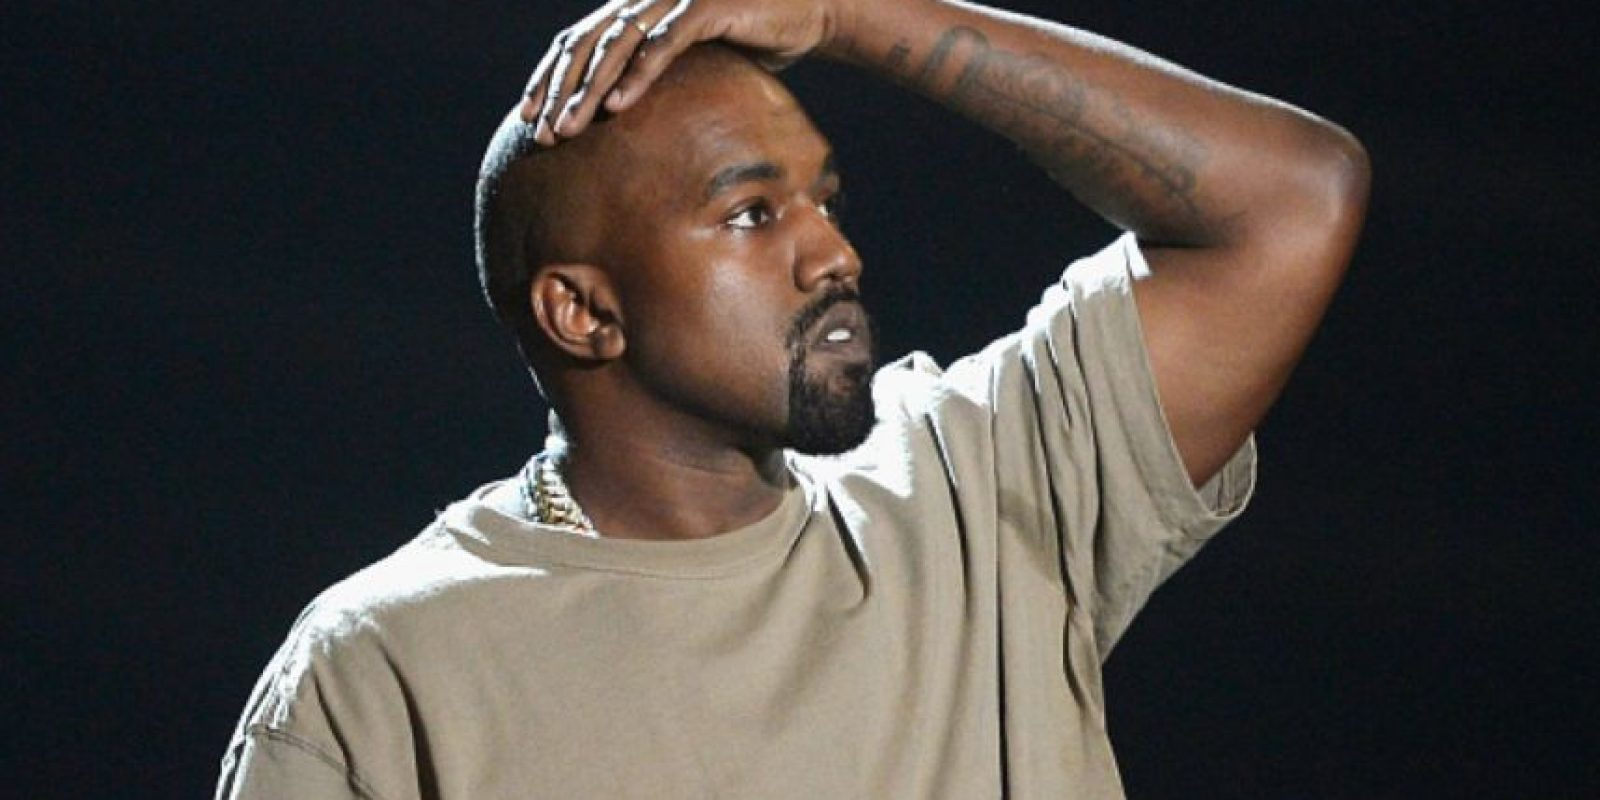 A Kanye West tuvieron que reconstruirle la mandíbula luego de un accidente de tráfico en 2002. Foto:vía Getty Images